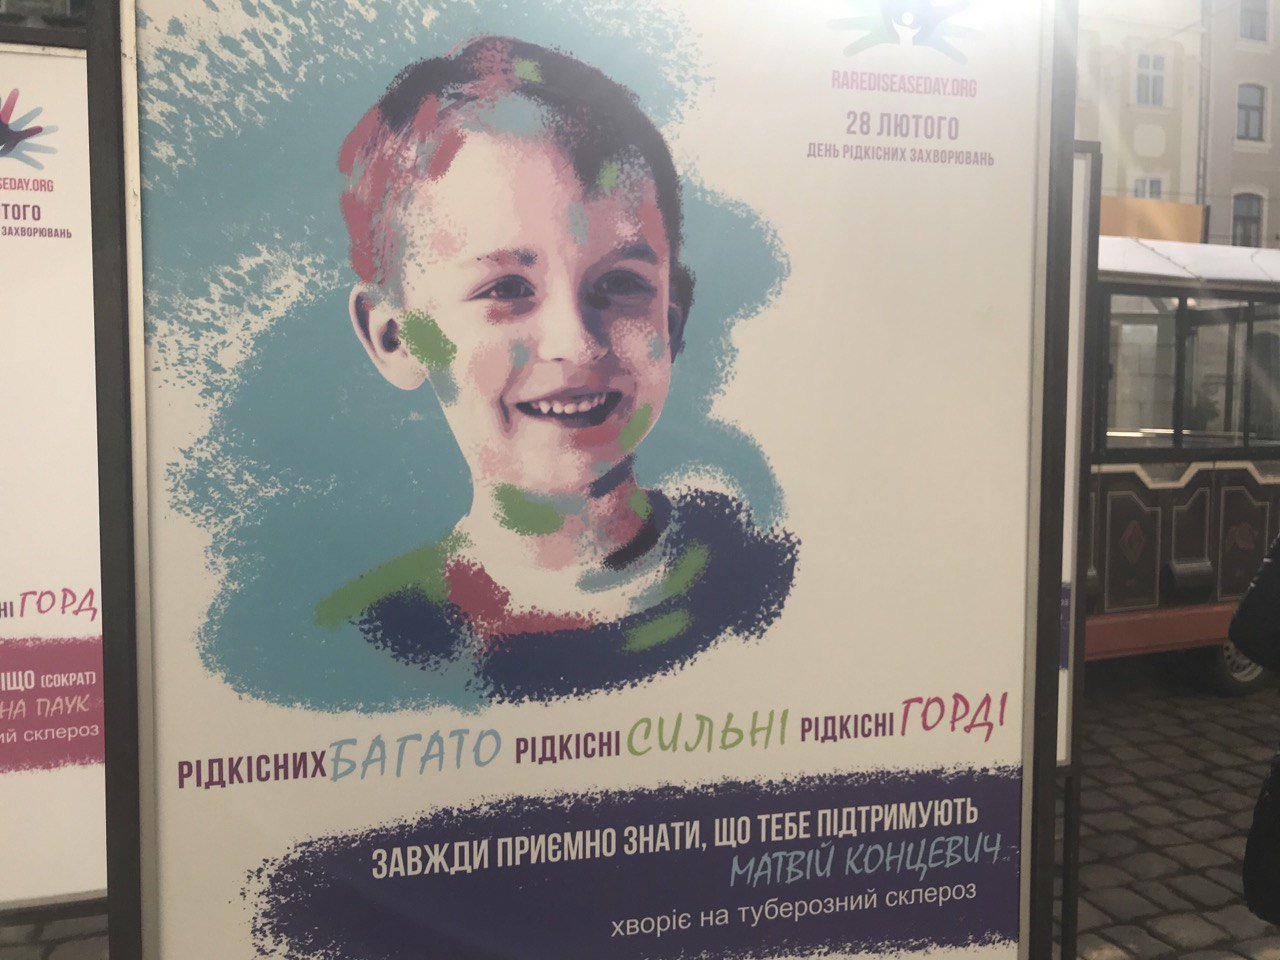 У Львові відкрили виставку портретів до Дня рідкісних захворювань, Фото: 032.ua